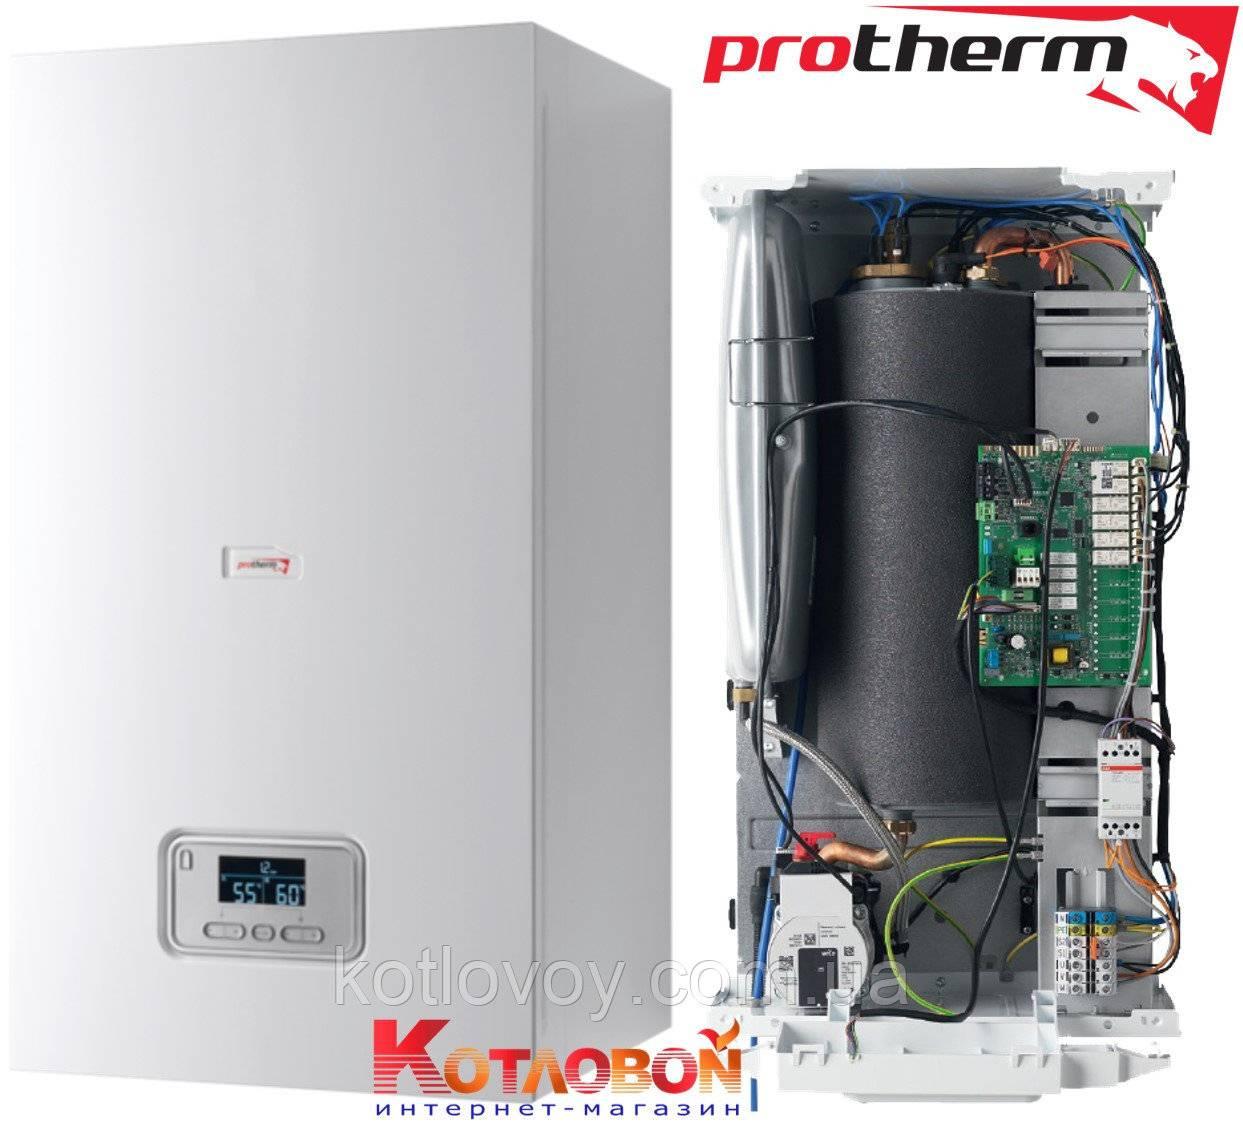 Газовые котлы протерм — надёжное отопительное оборудование